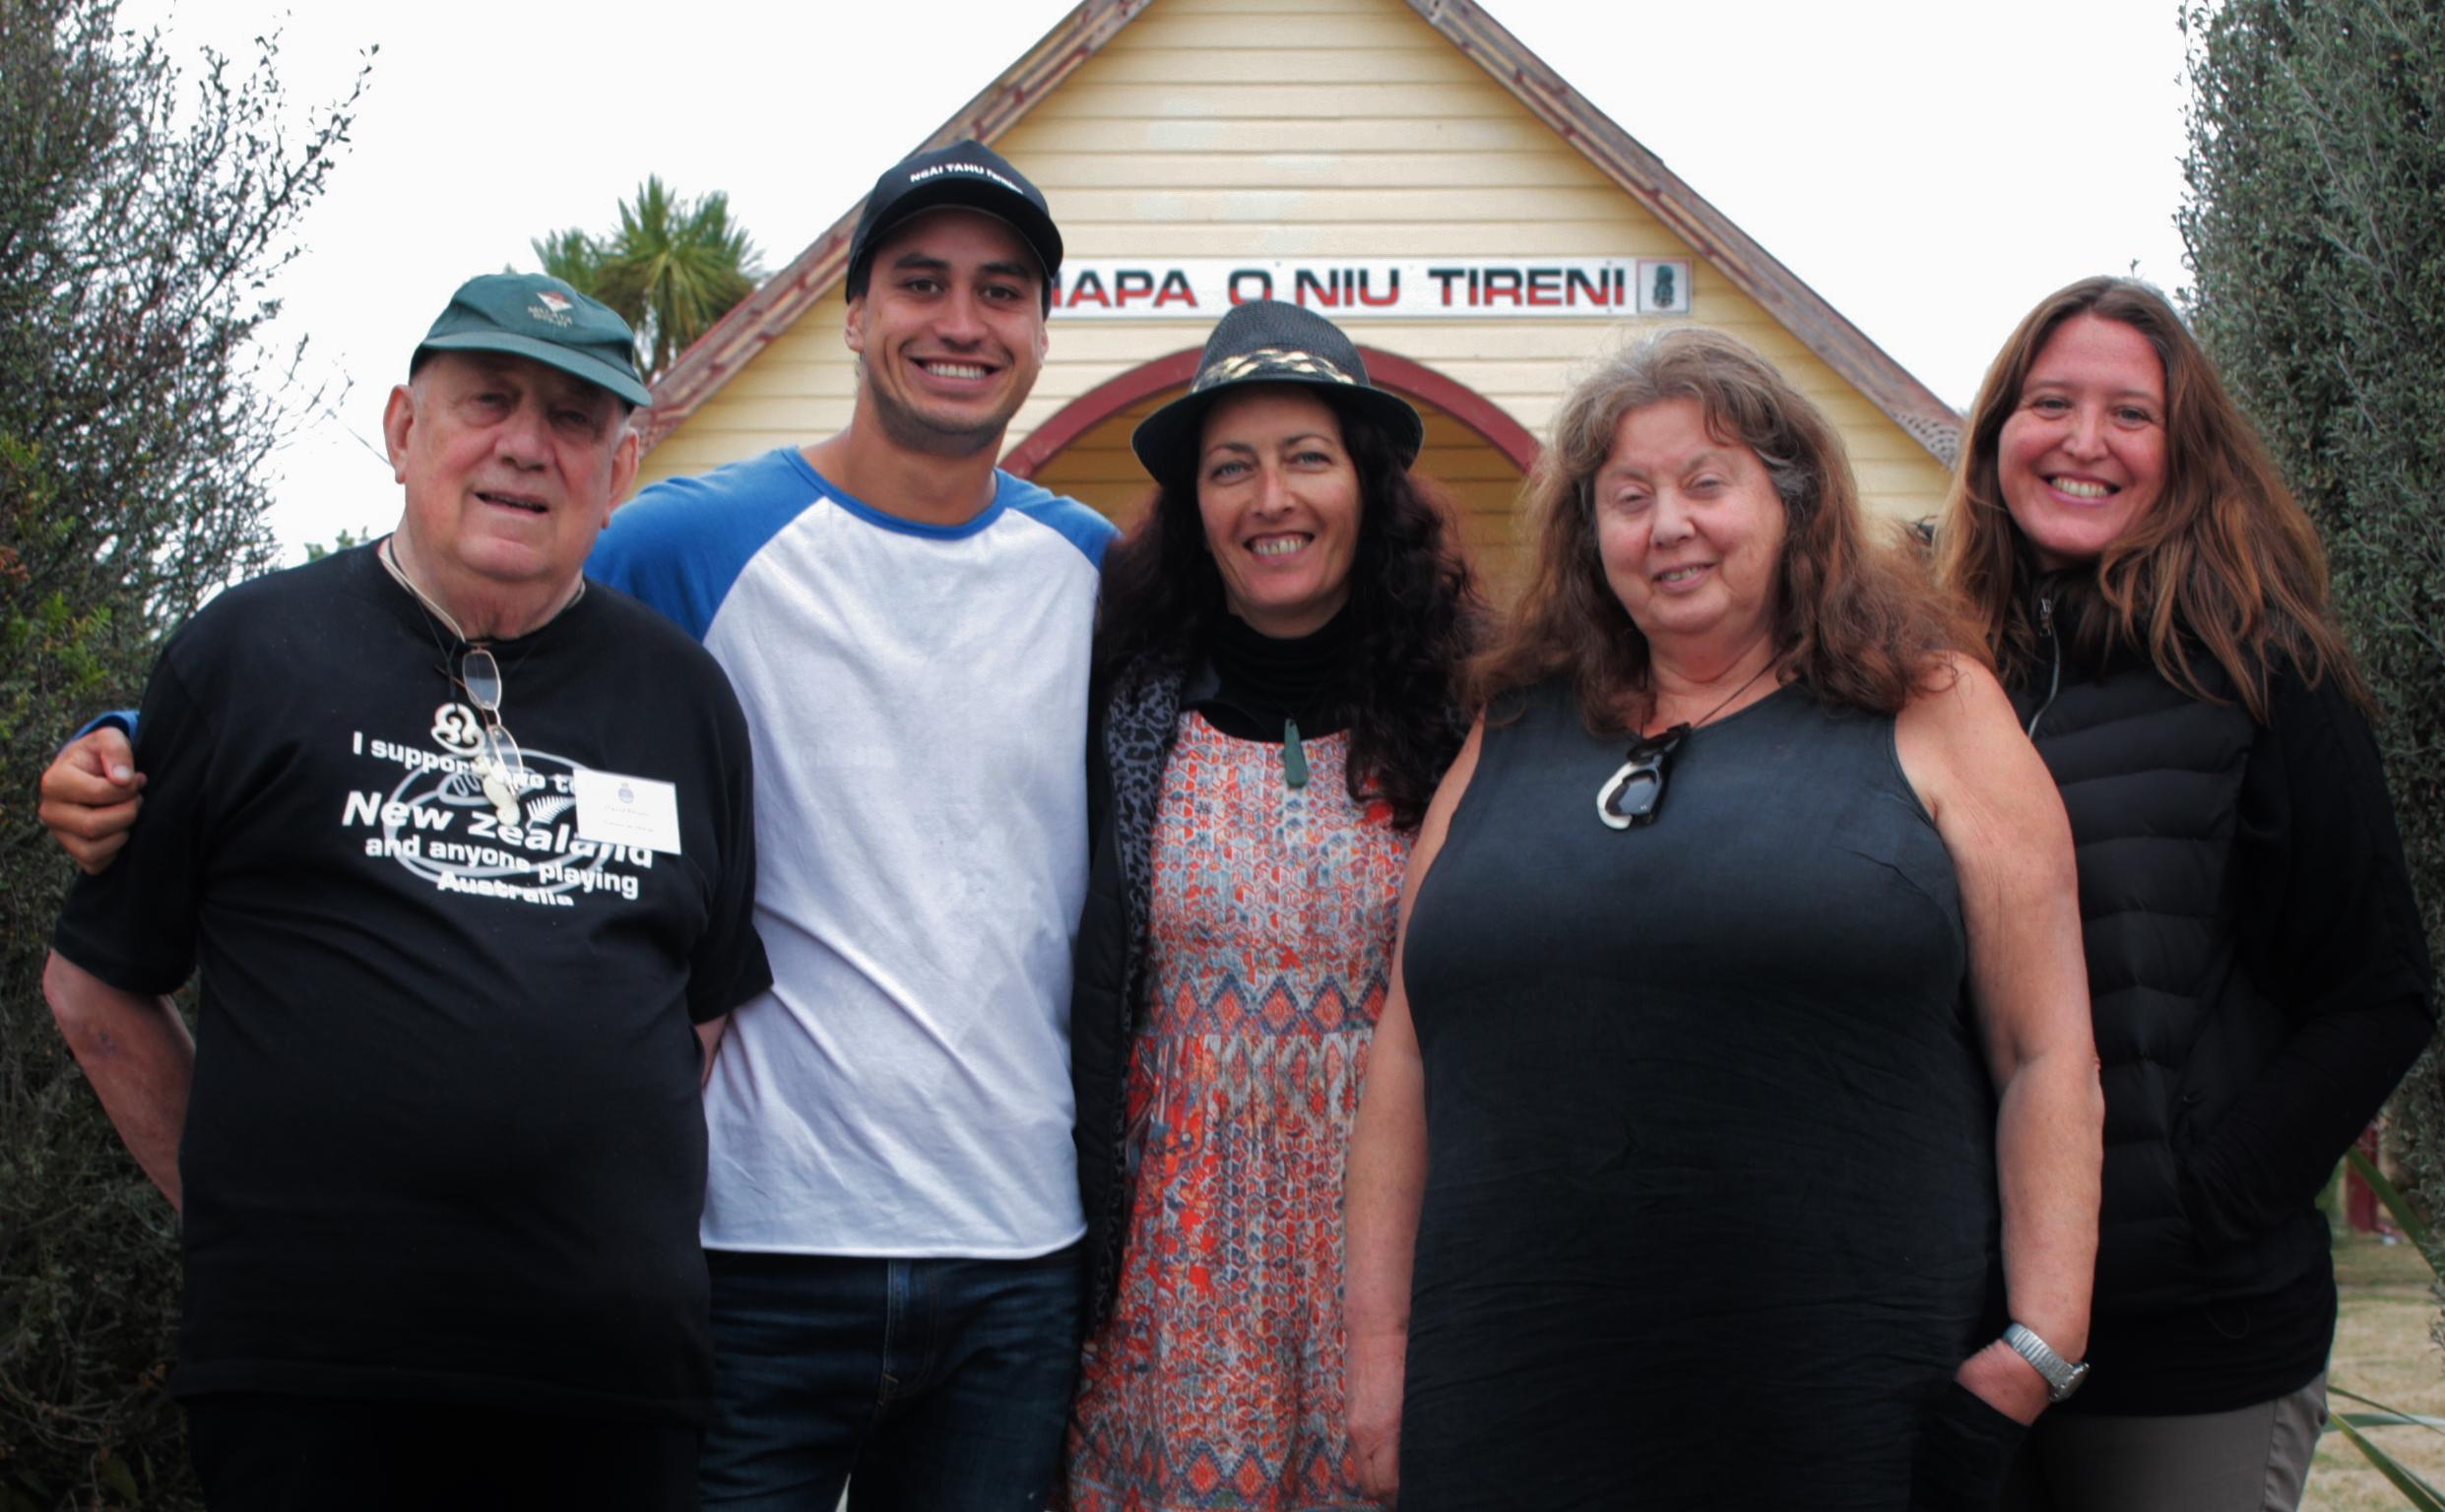 A quick stop at Arowhenua Marae on the way to Te Matatini. From Left, Upoko David Ellison, Waiariki Parata-Taiapa, Lisa Te Raki, Giselle Laven and Ranui Ryan.